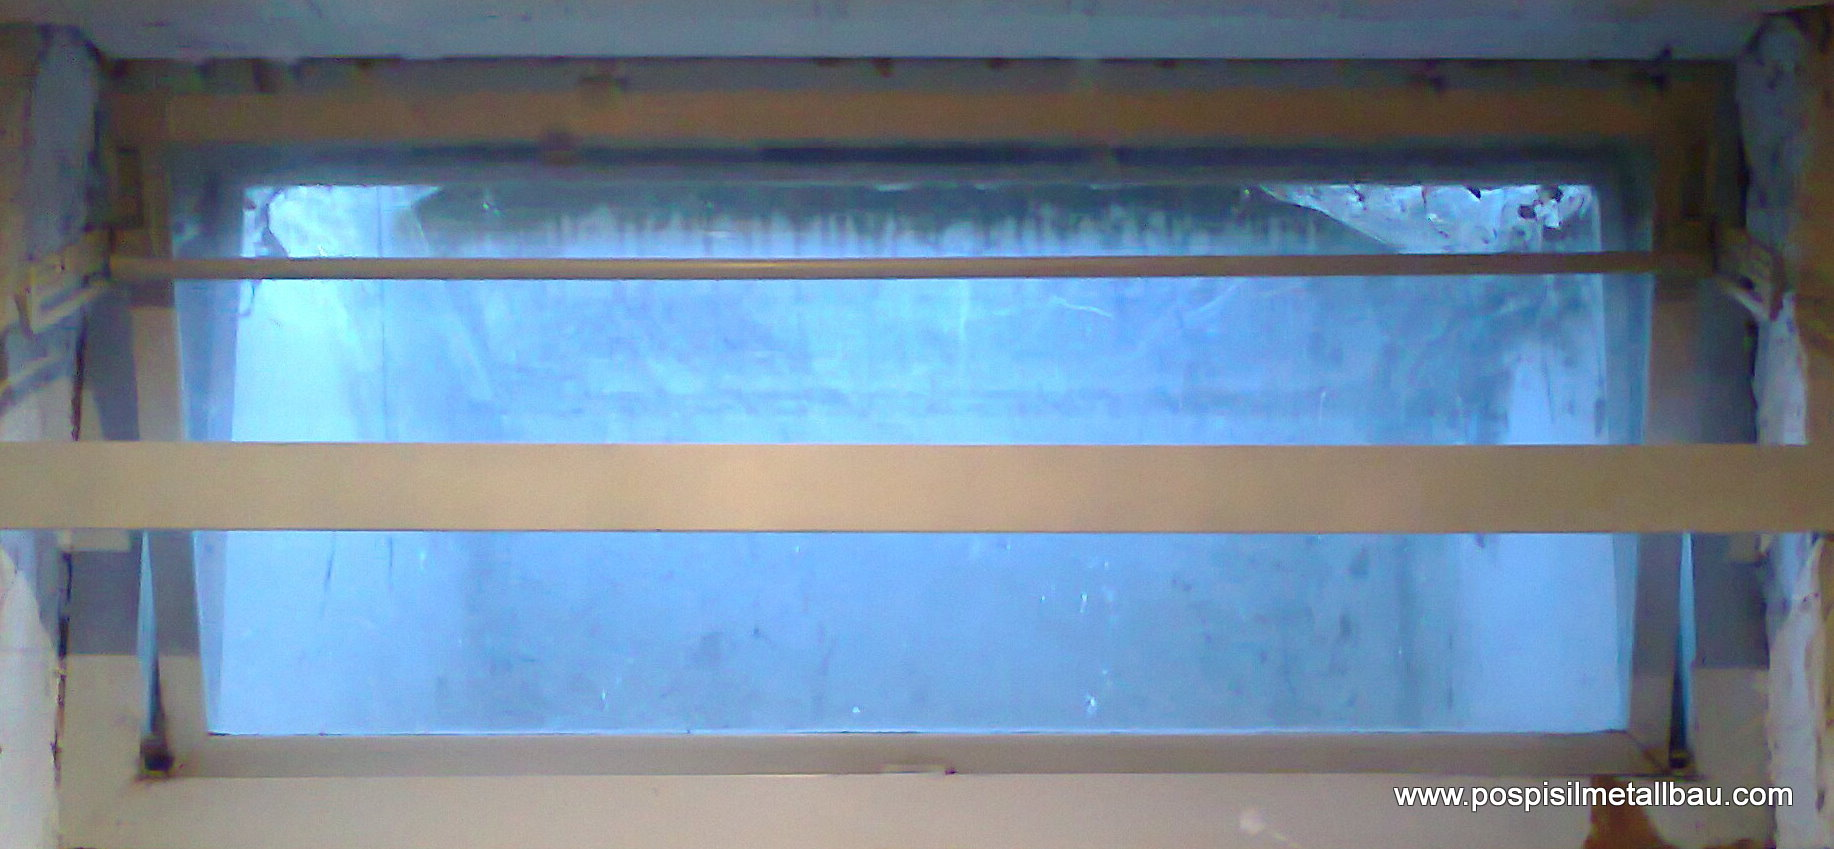 Pospisil metallbau schlosserei 1220 wien for Kellerfenster einbruchschutz